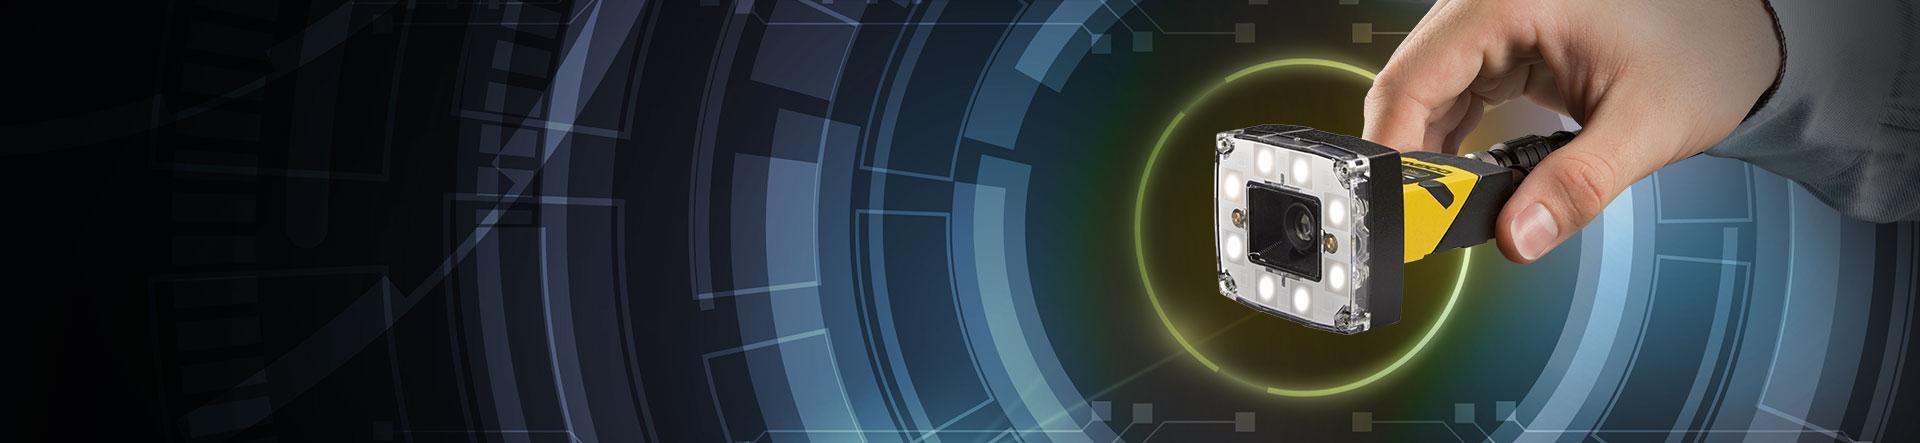 Cognex In-Sight Vision Sensors banner